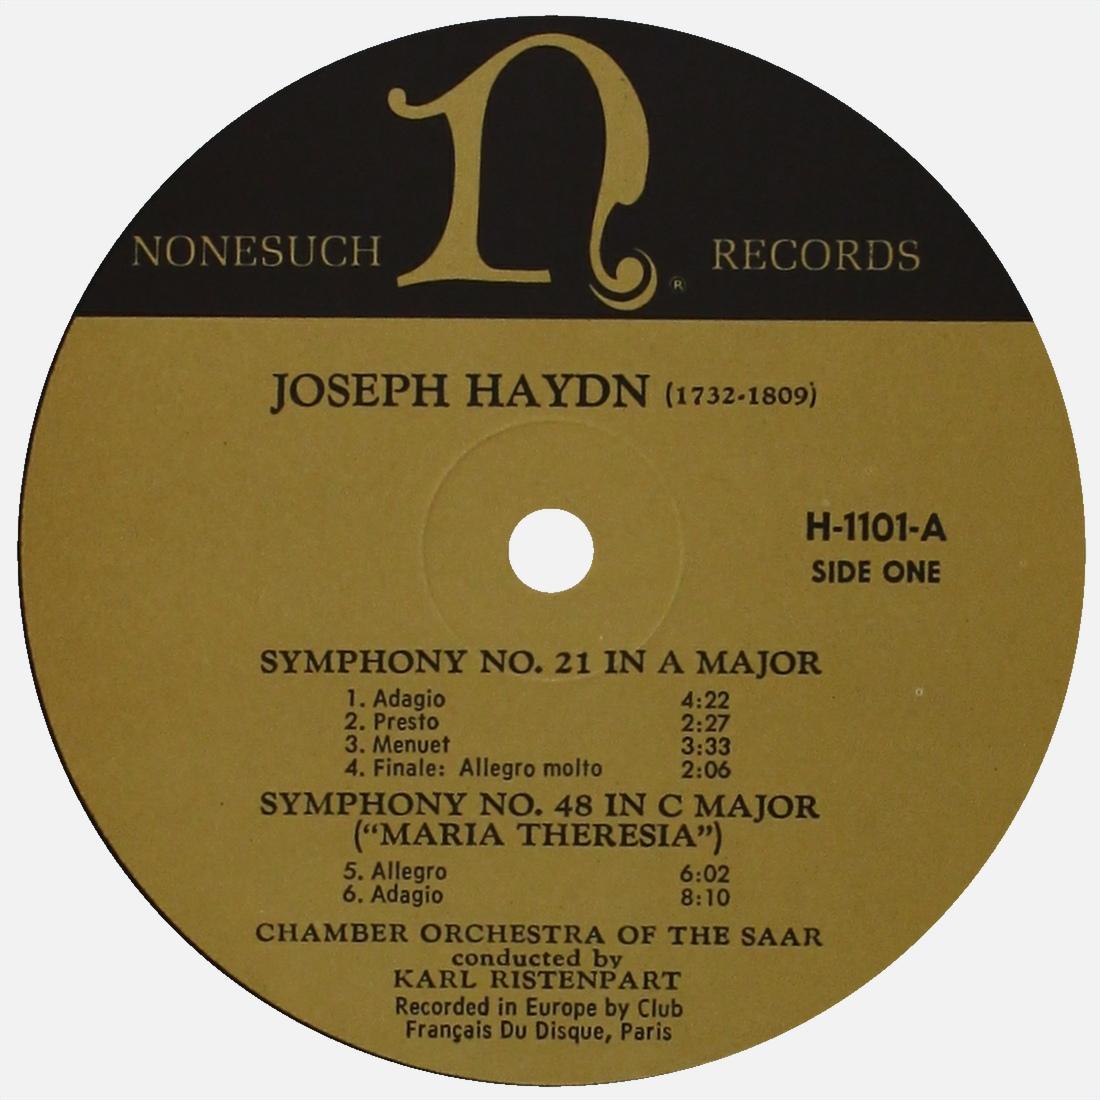 Étiquette recto du disque Nonesuch H-1101